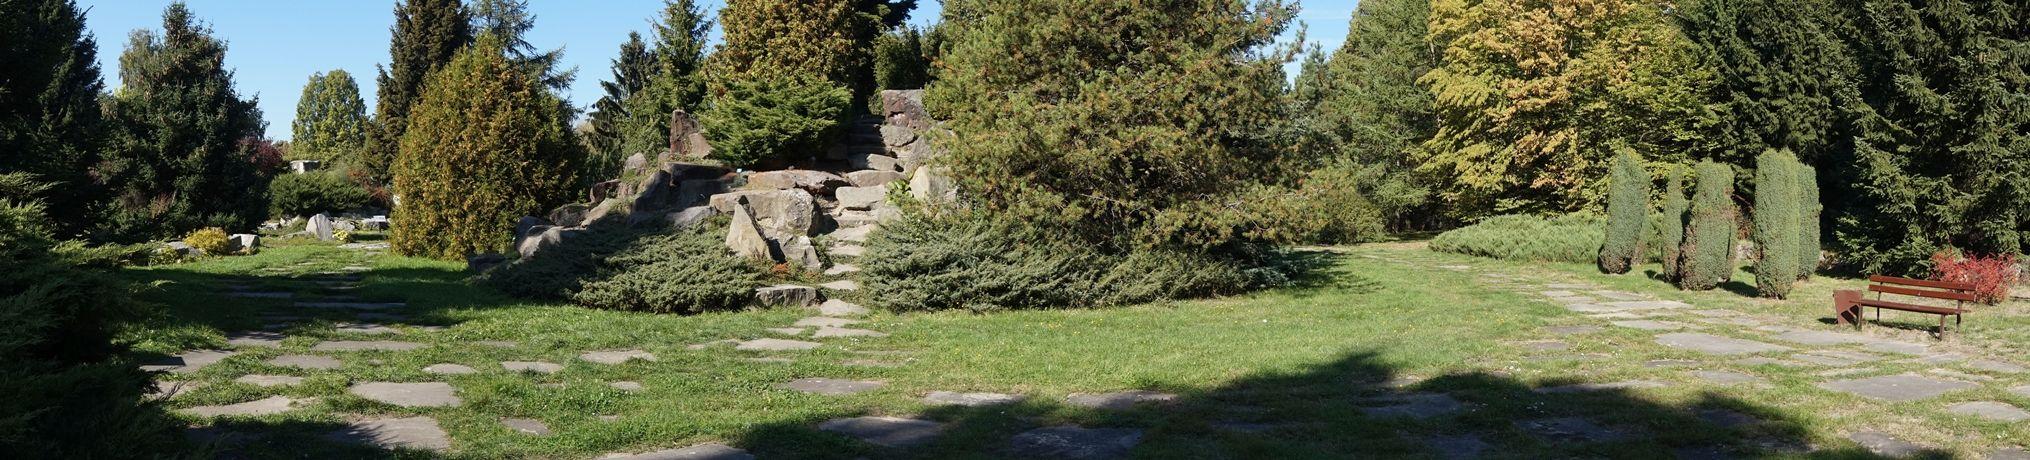 Ogród Botaniczny 7